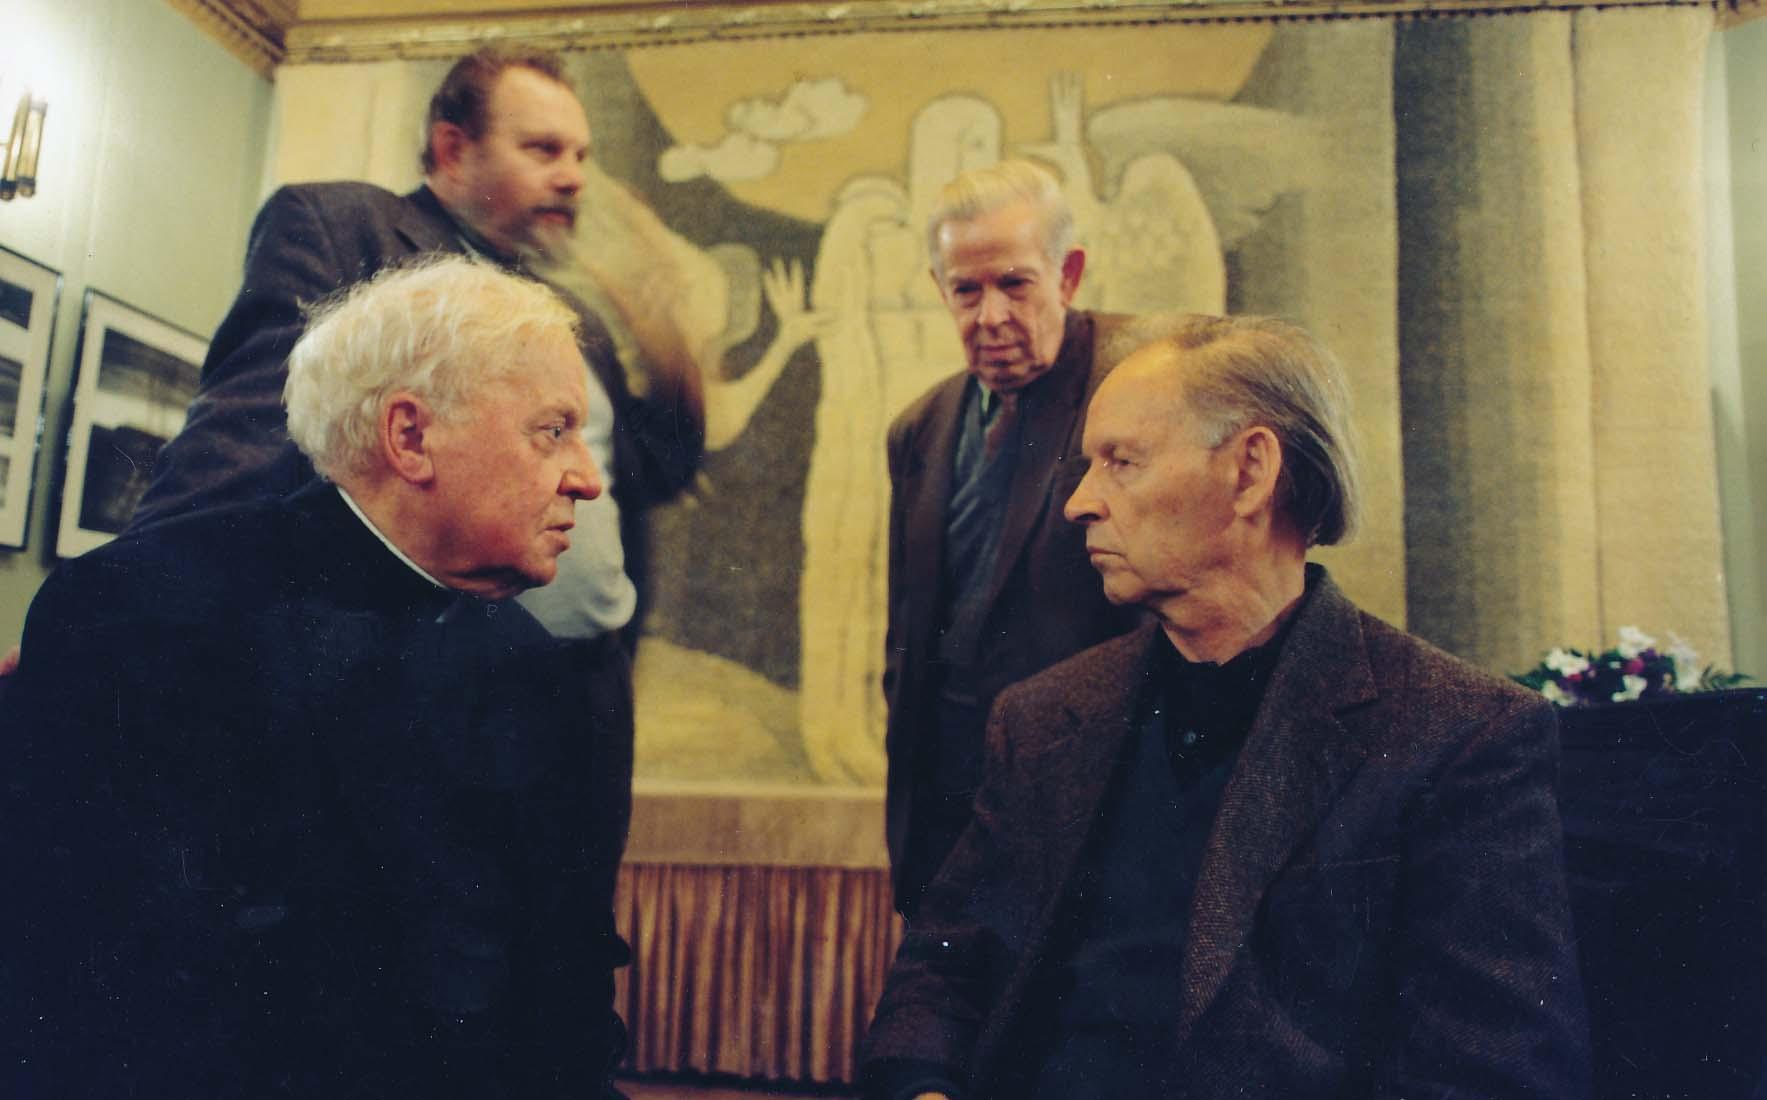 Sėdi – monsinjoras K. Vasiliauskas, A. Nyka-Niliūnas, stovi – K. Almenas ir S. Čipkus. Vilnius. 1998 m.